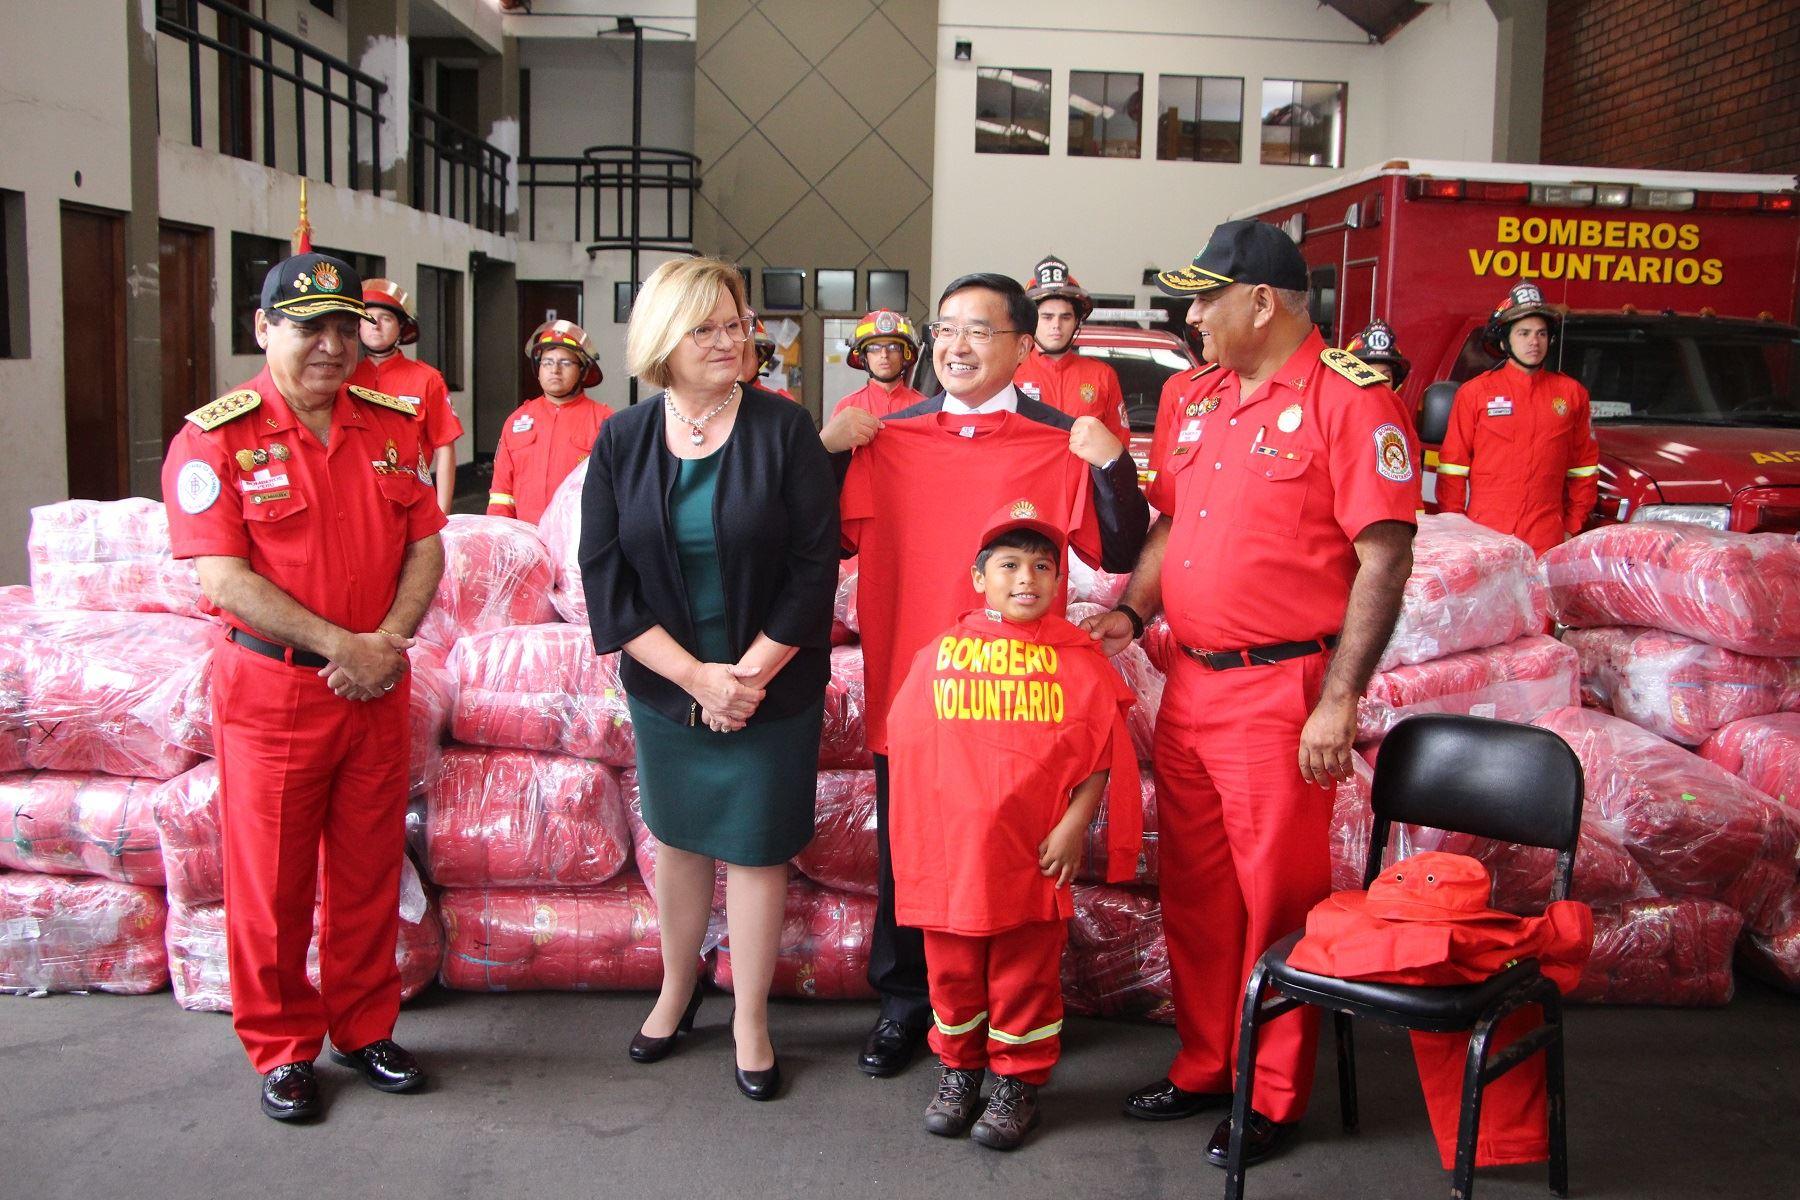 Embajador de China, Jia Guide, y prima dama Nancy Lange en la entrega de donación de materiales de bomberos.